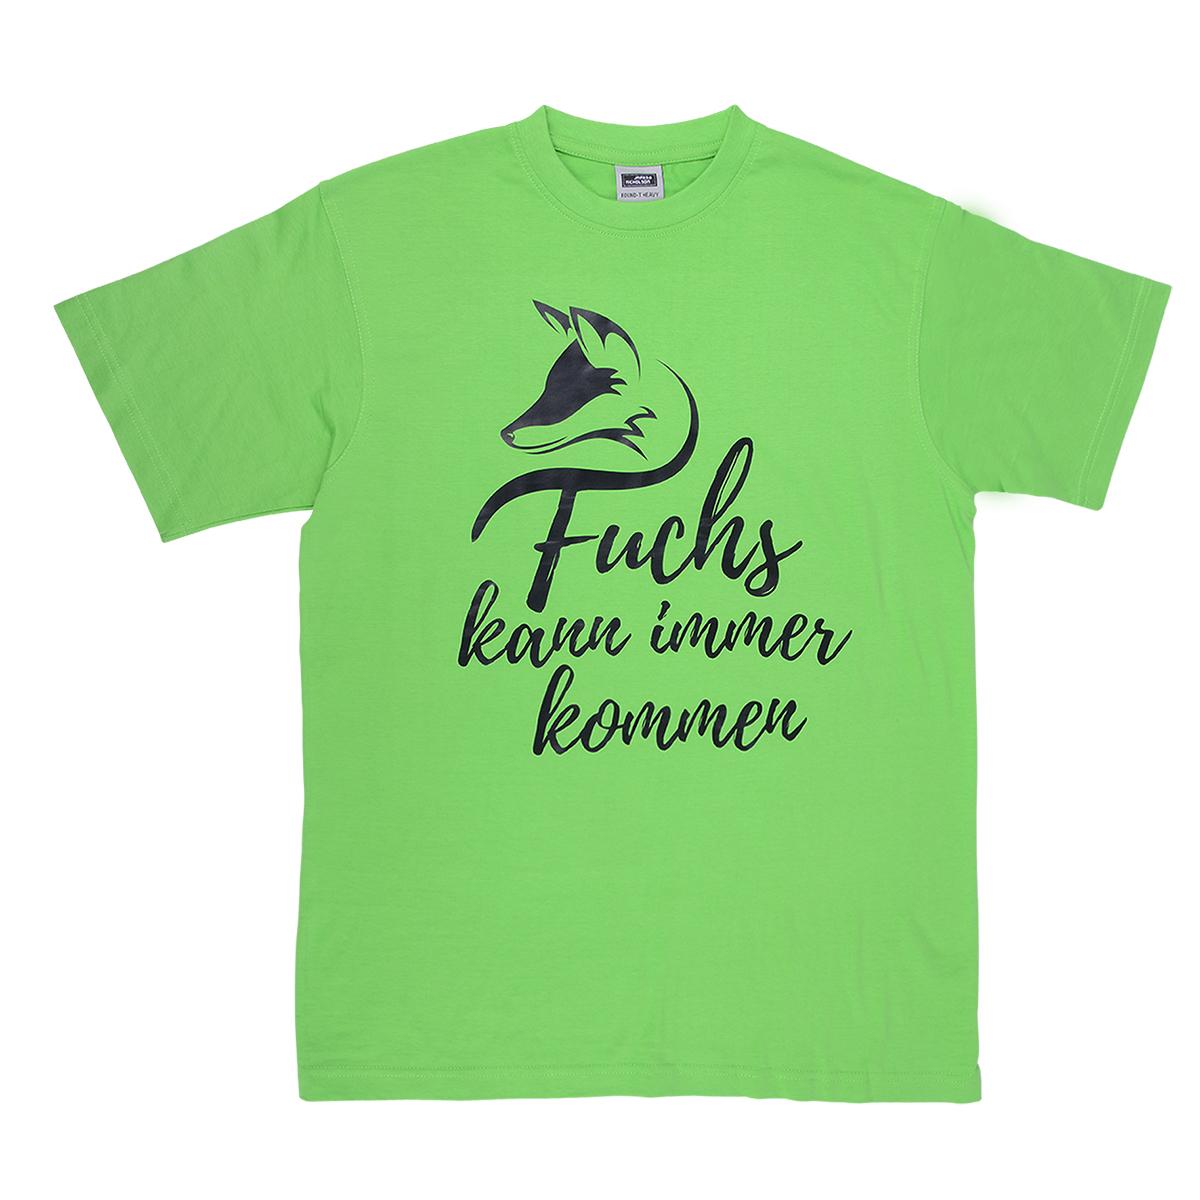 """DJZ Edition: T-Shirt """"Fuchs kann immer kommen"""" Grün im Pareyshop"""